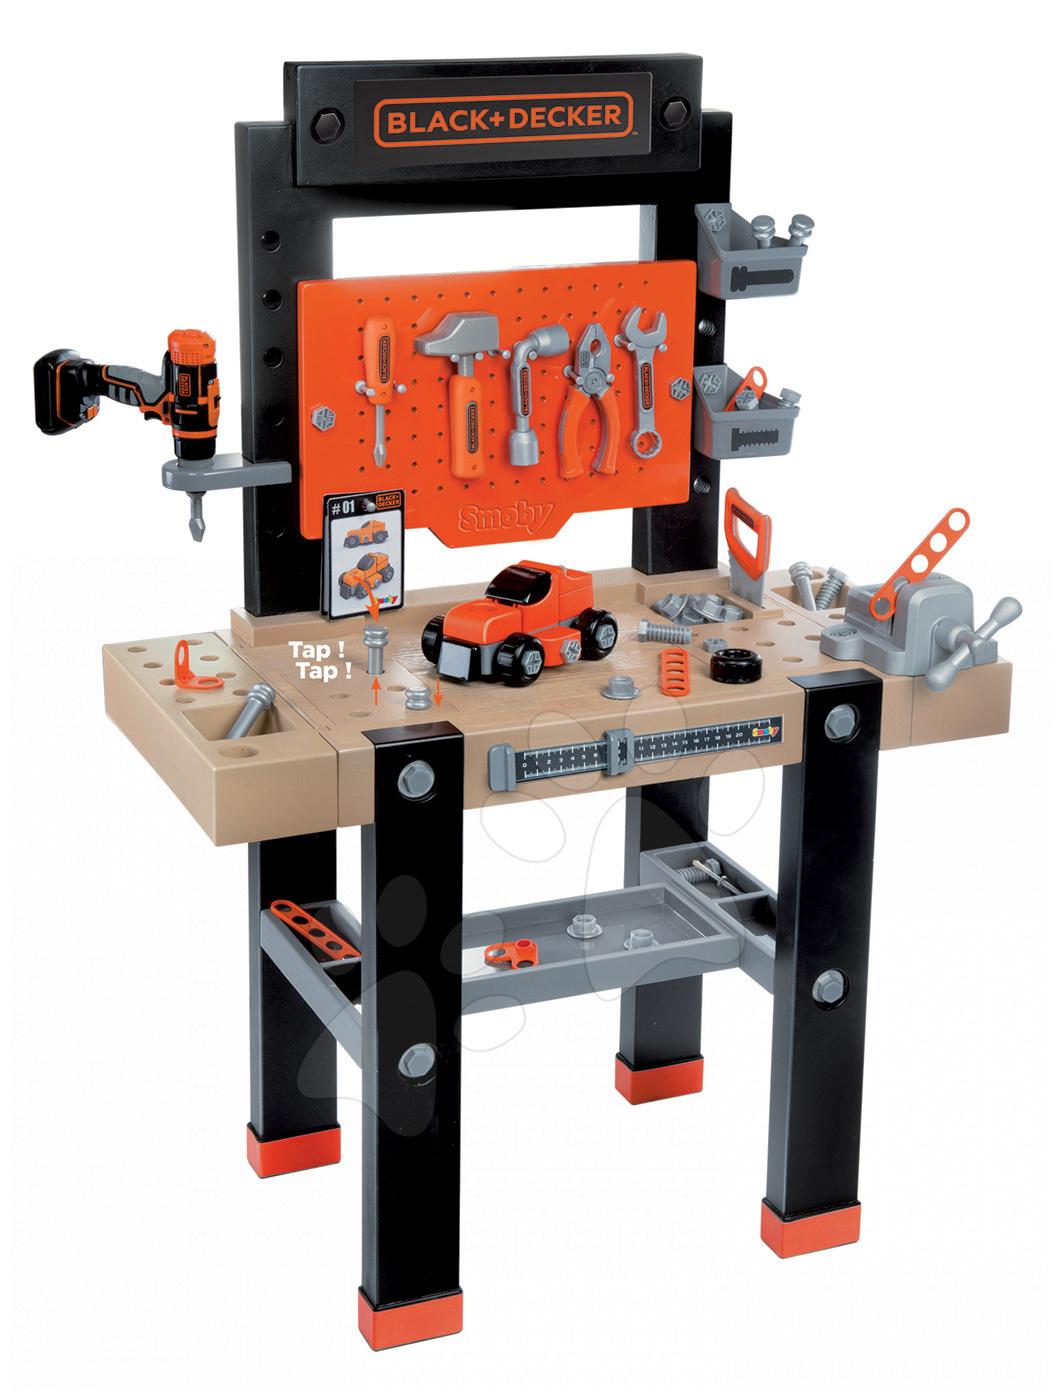 Otroška delavnica - Delavnica Black+Decker Smoby z mehanskim vrtalnikom in avtomobilčkom z 92 dodatki